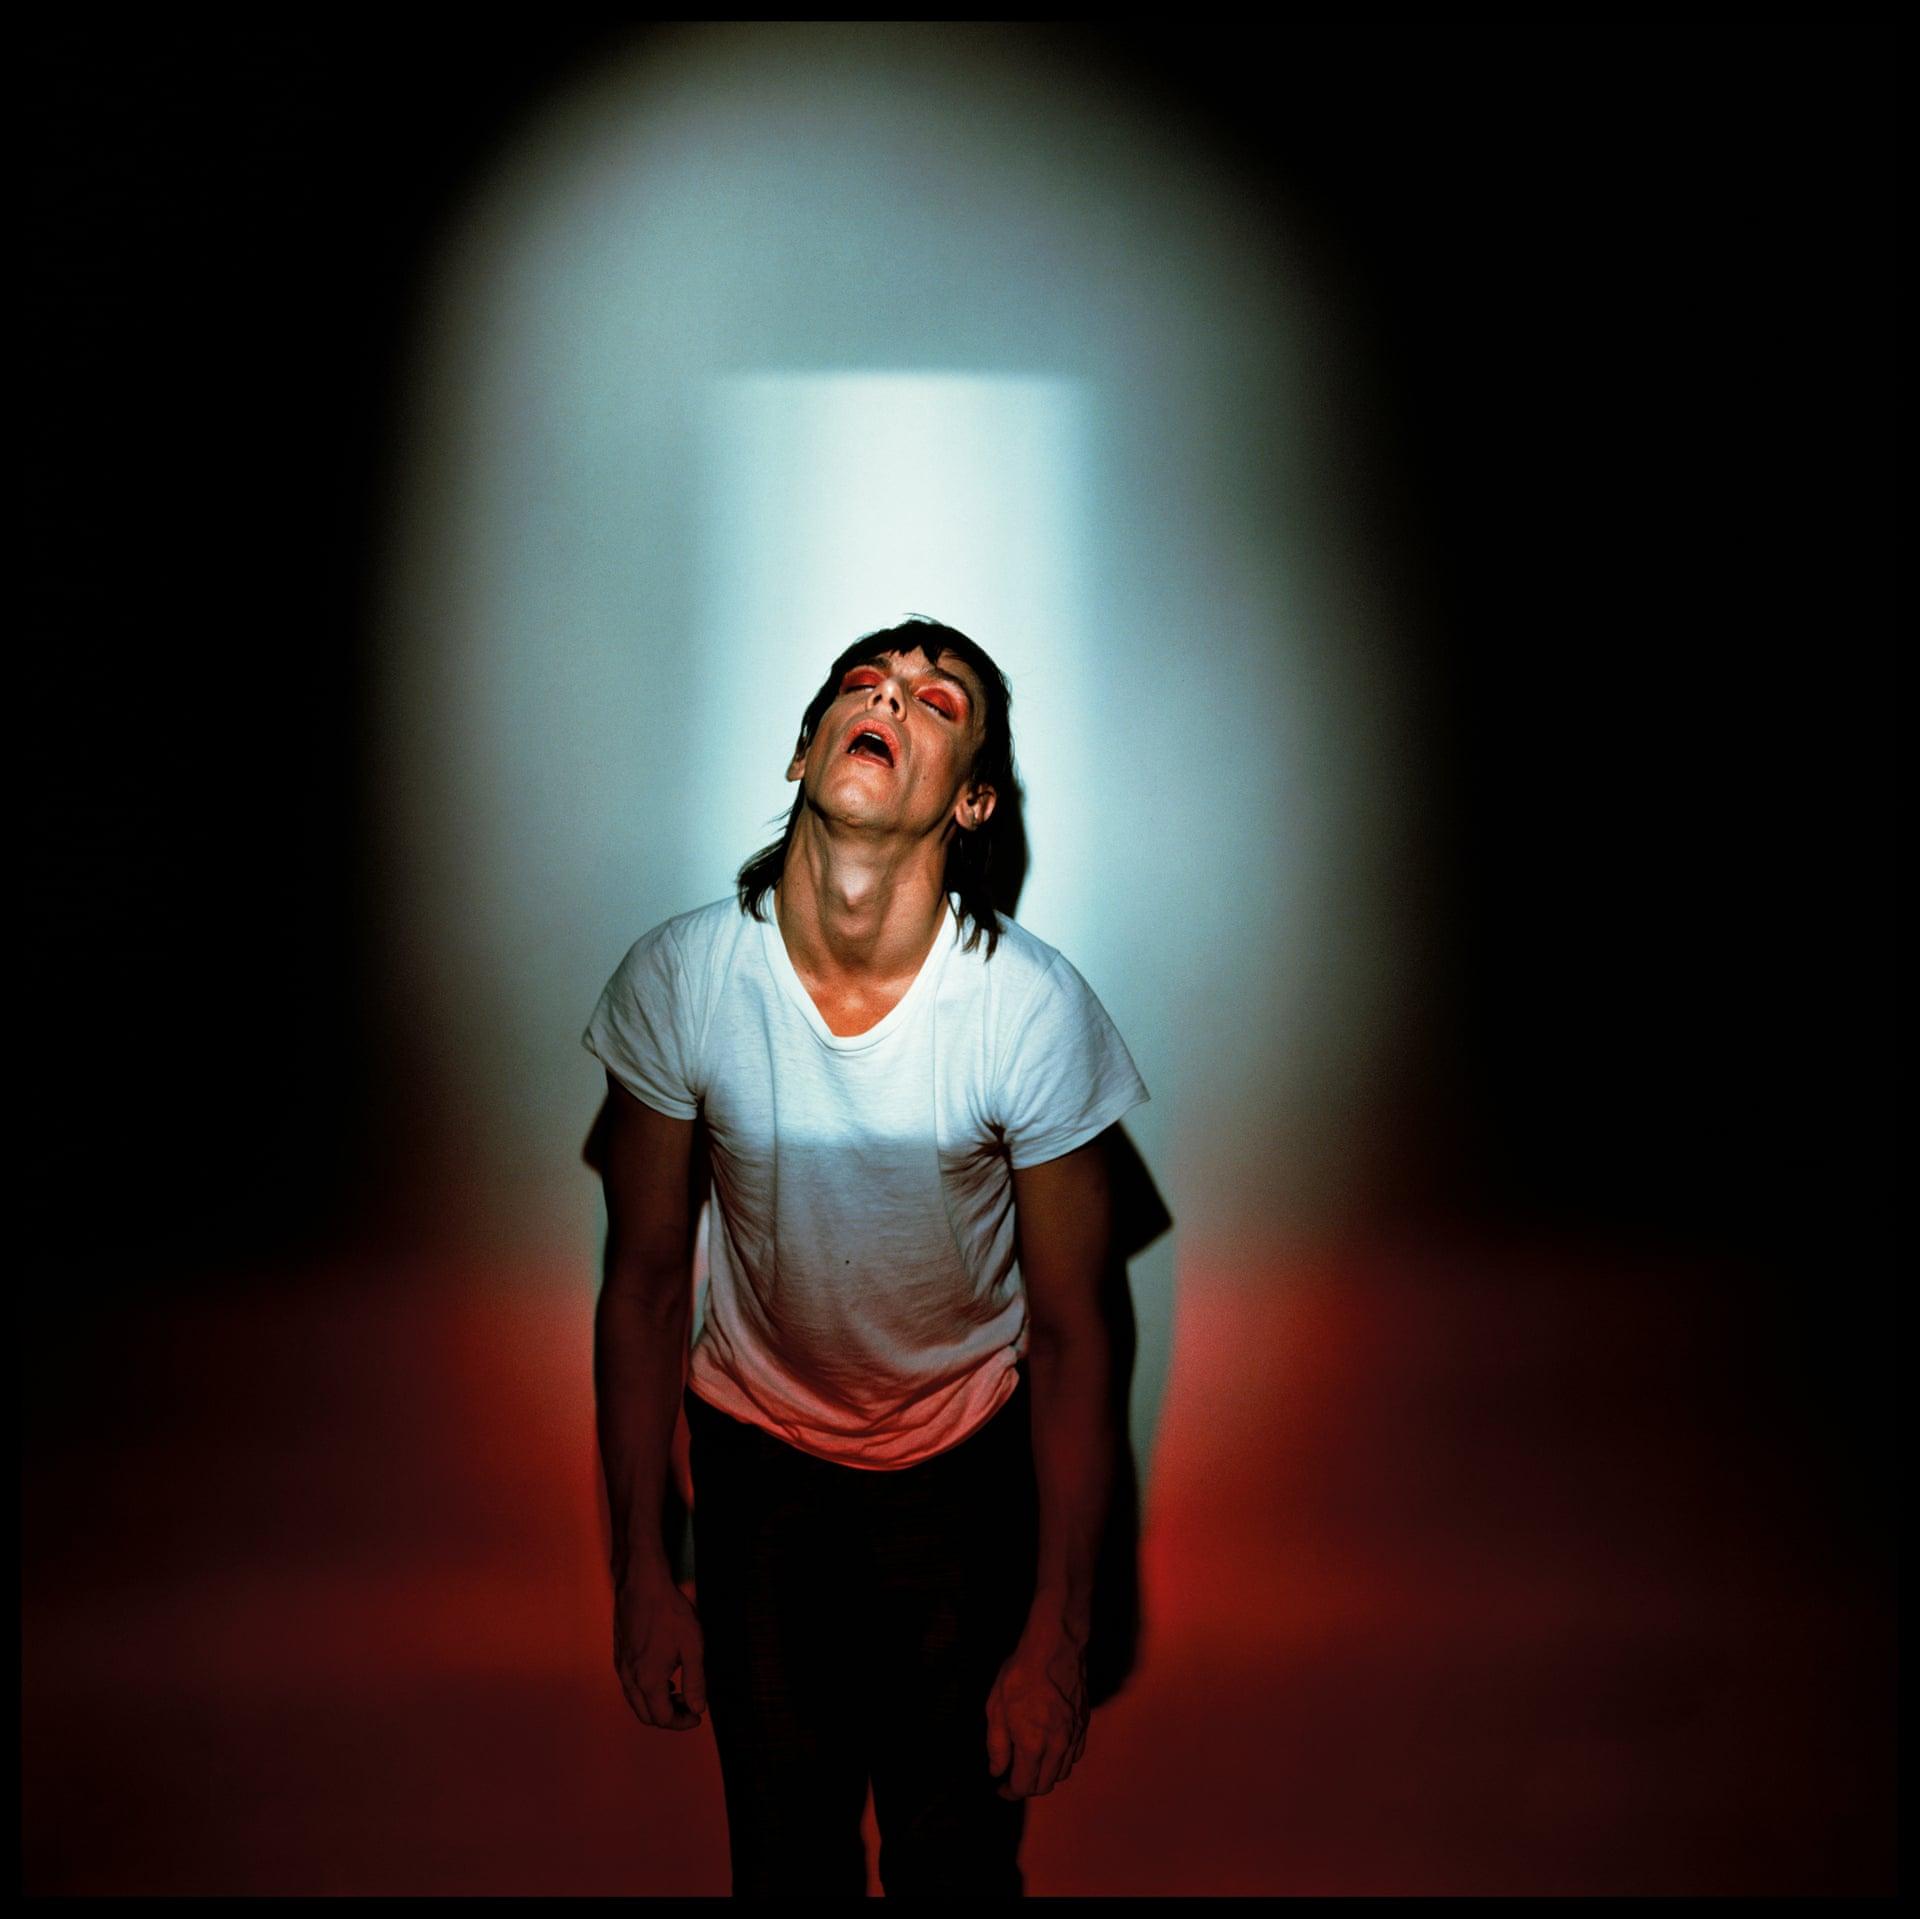 """Portada del álbum """"Soldier"""" (1979) de Iggy Pop. Fotografía: Brian Griffin"""